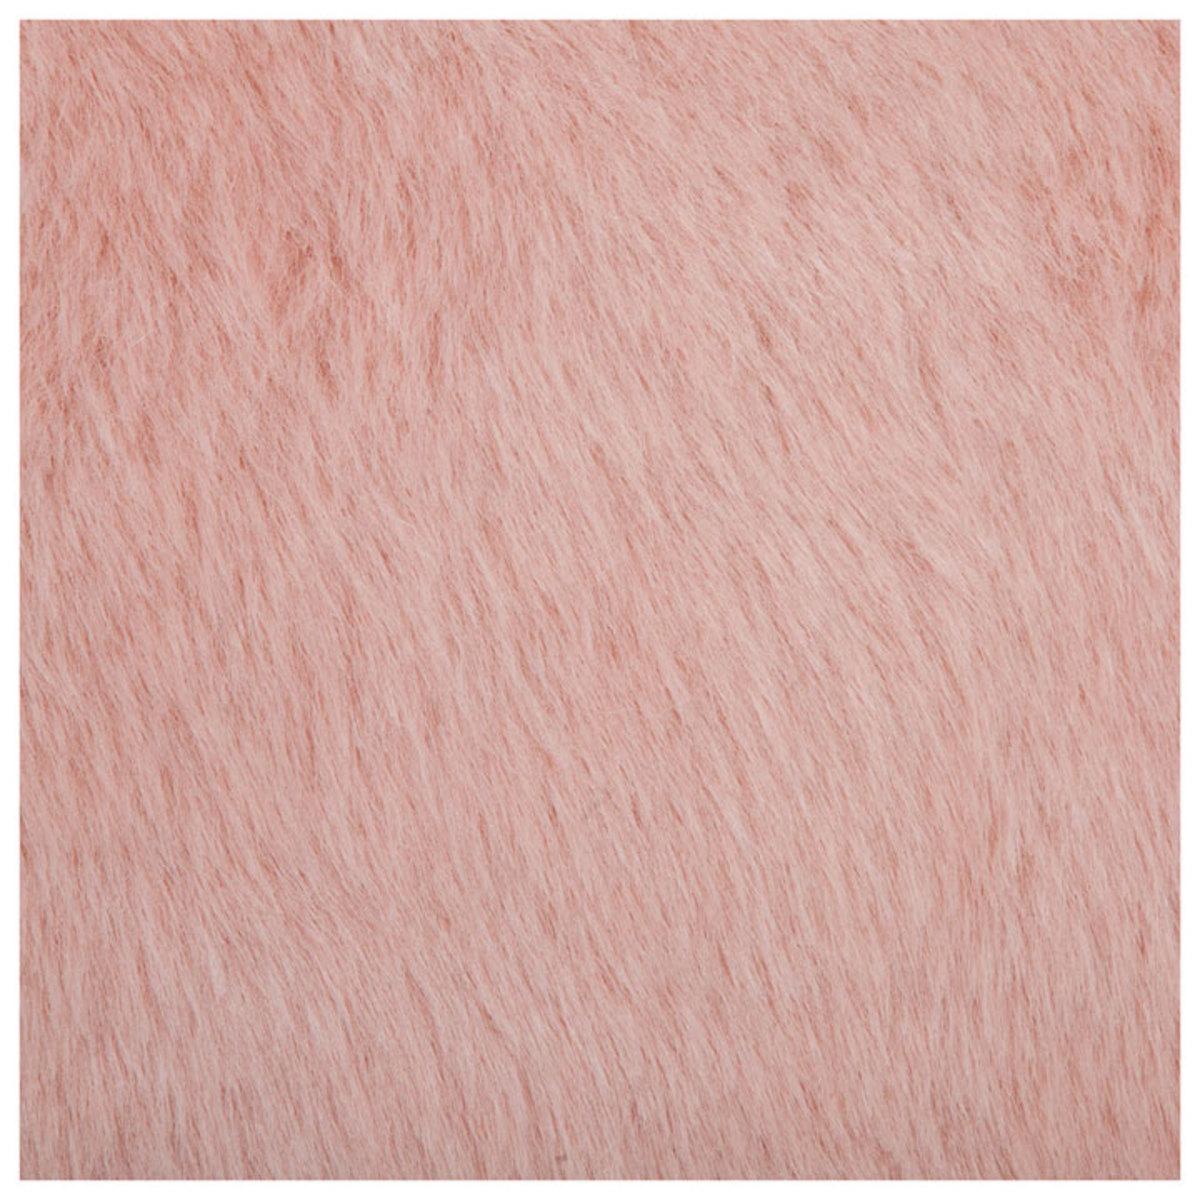 tapis nuage fausse fourrure rose poudr 130 x 90 cm nuage poudr achat vente tapis sur. Black Bedroom Furniture Sets. Home Design Ideas